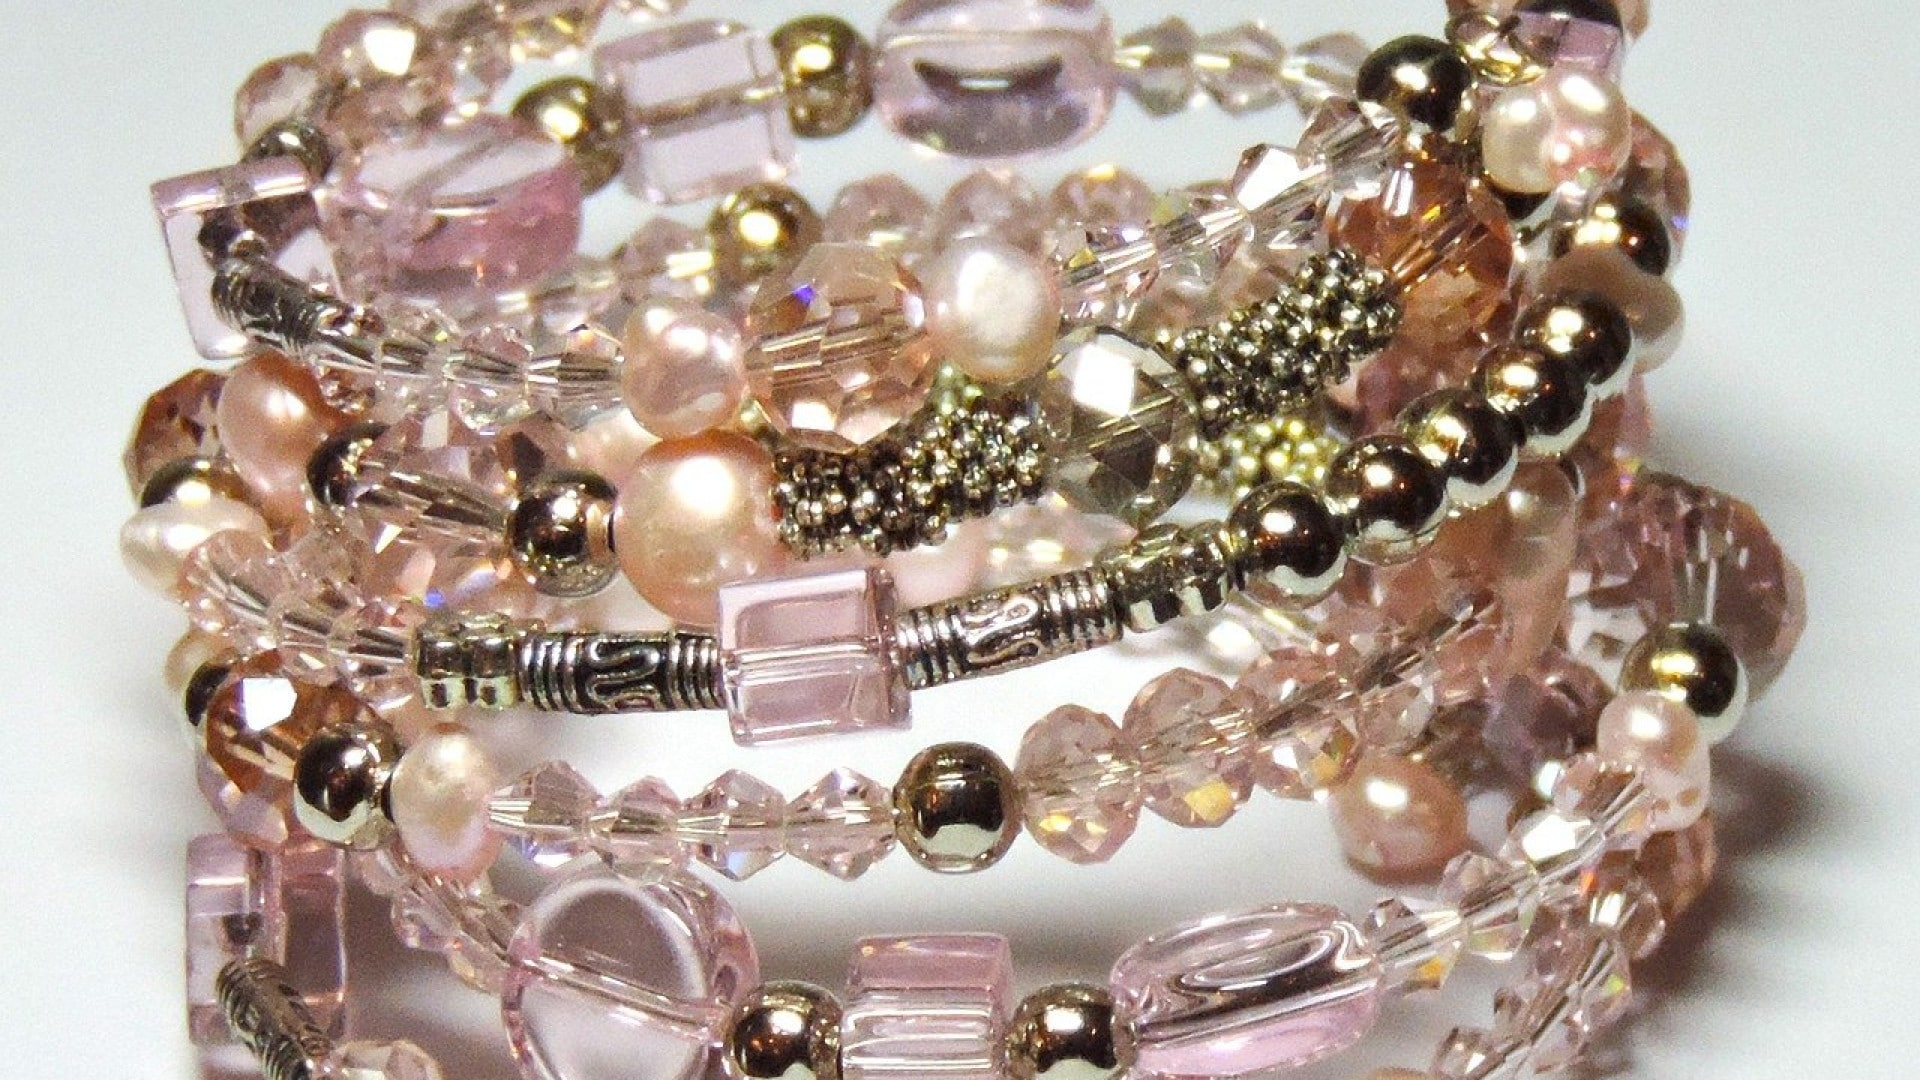 Le grand charisme qu'offre les bracelets en or chez les femmes